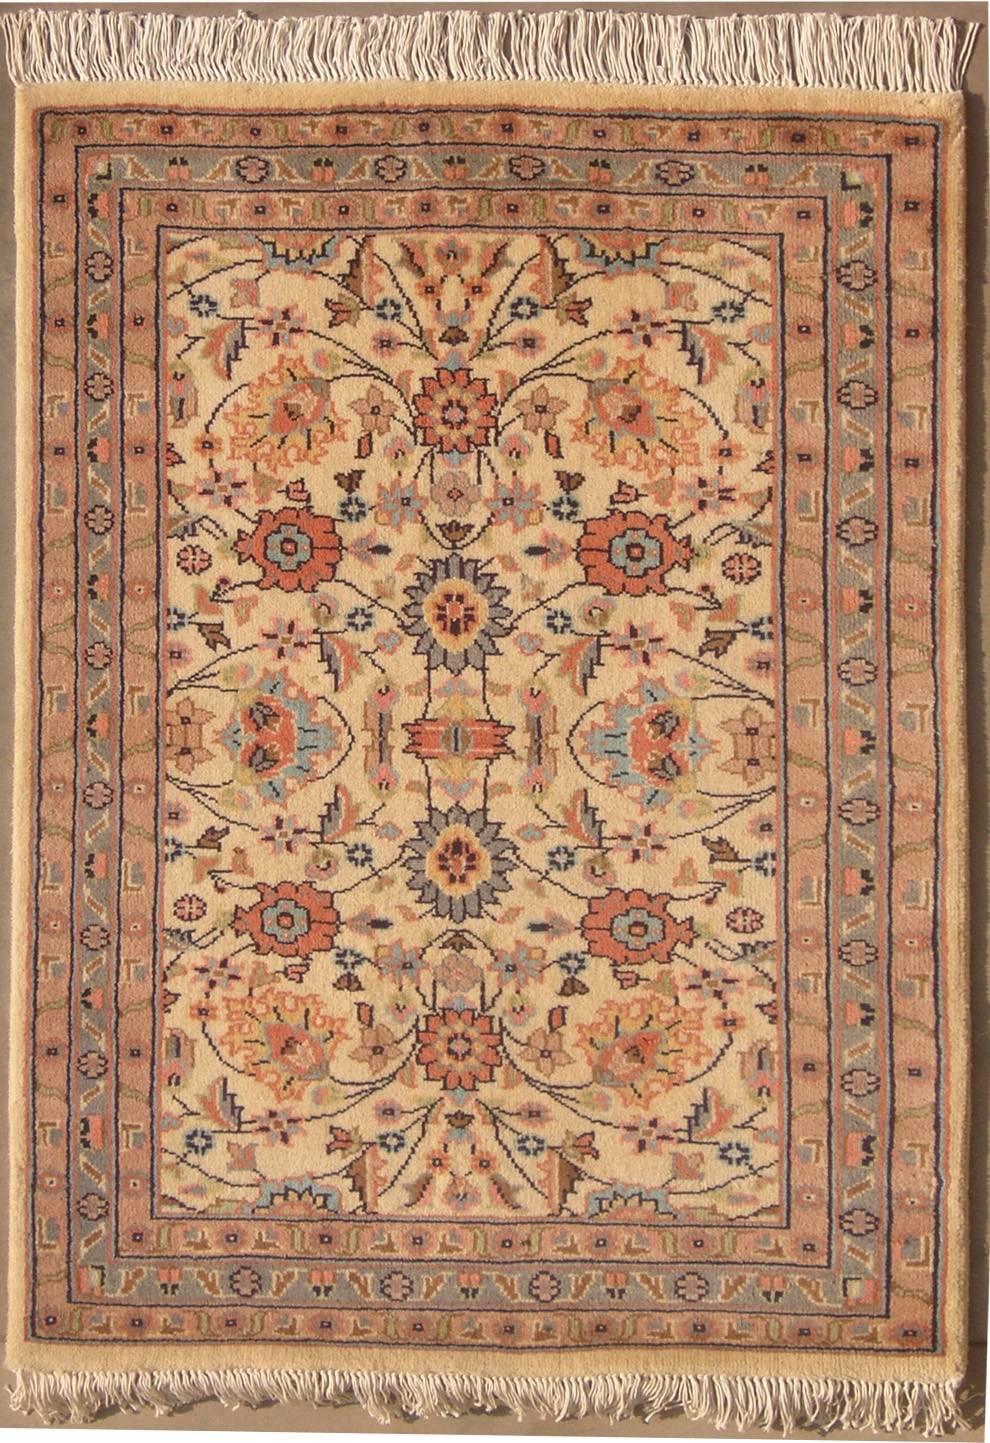 2 39 6x3 39 10 Rug Double Knot Pak Persian Mahal Design